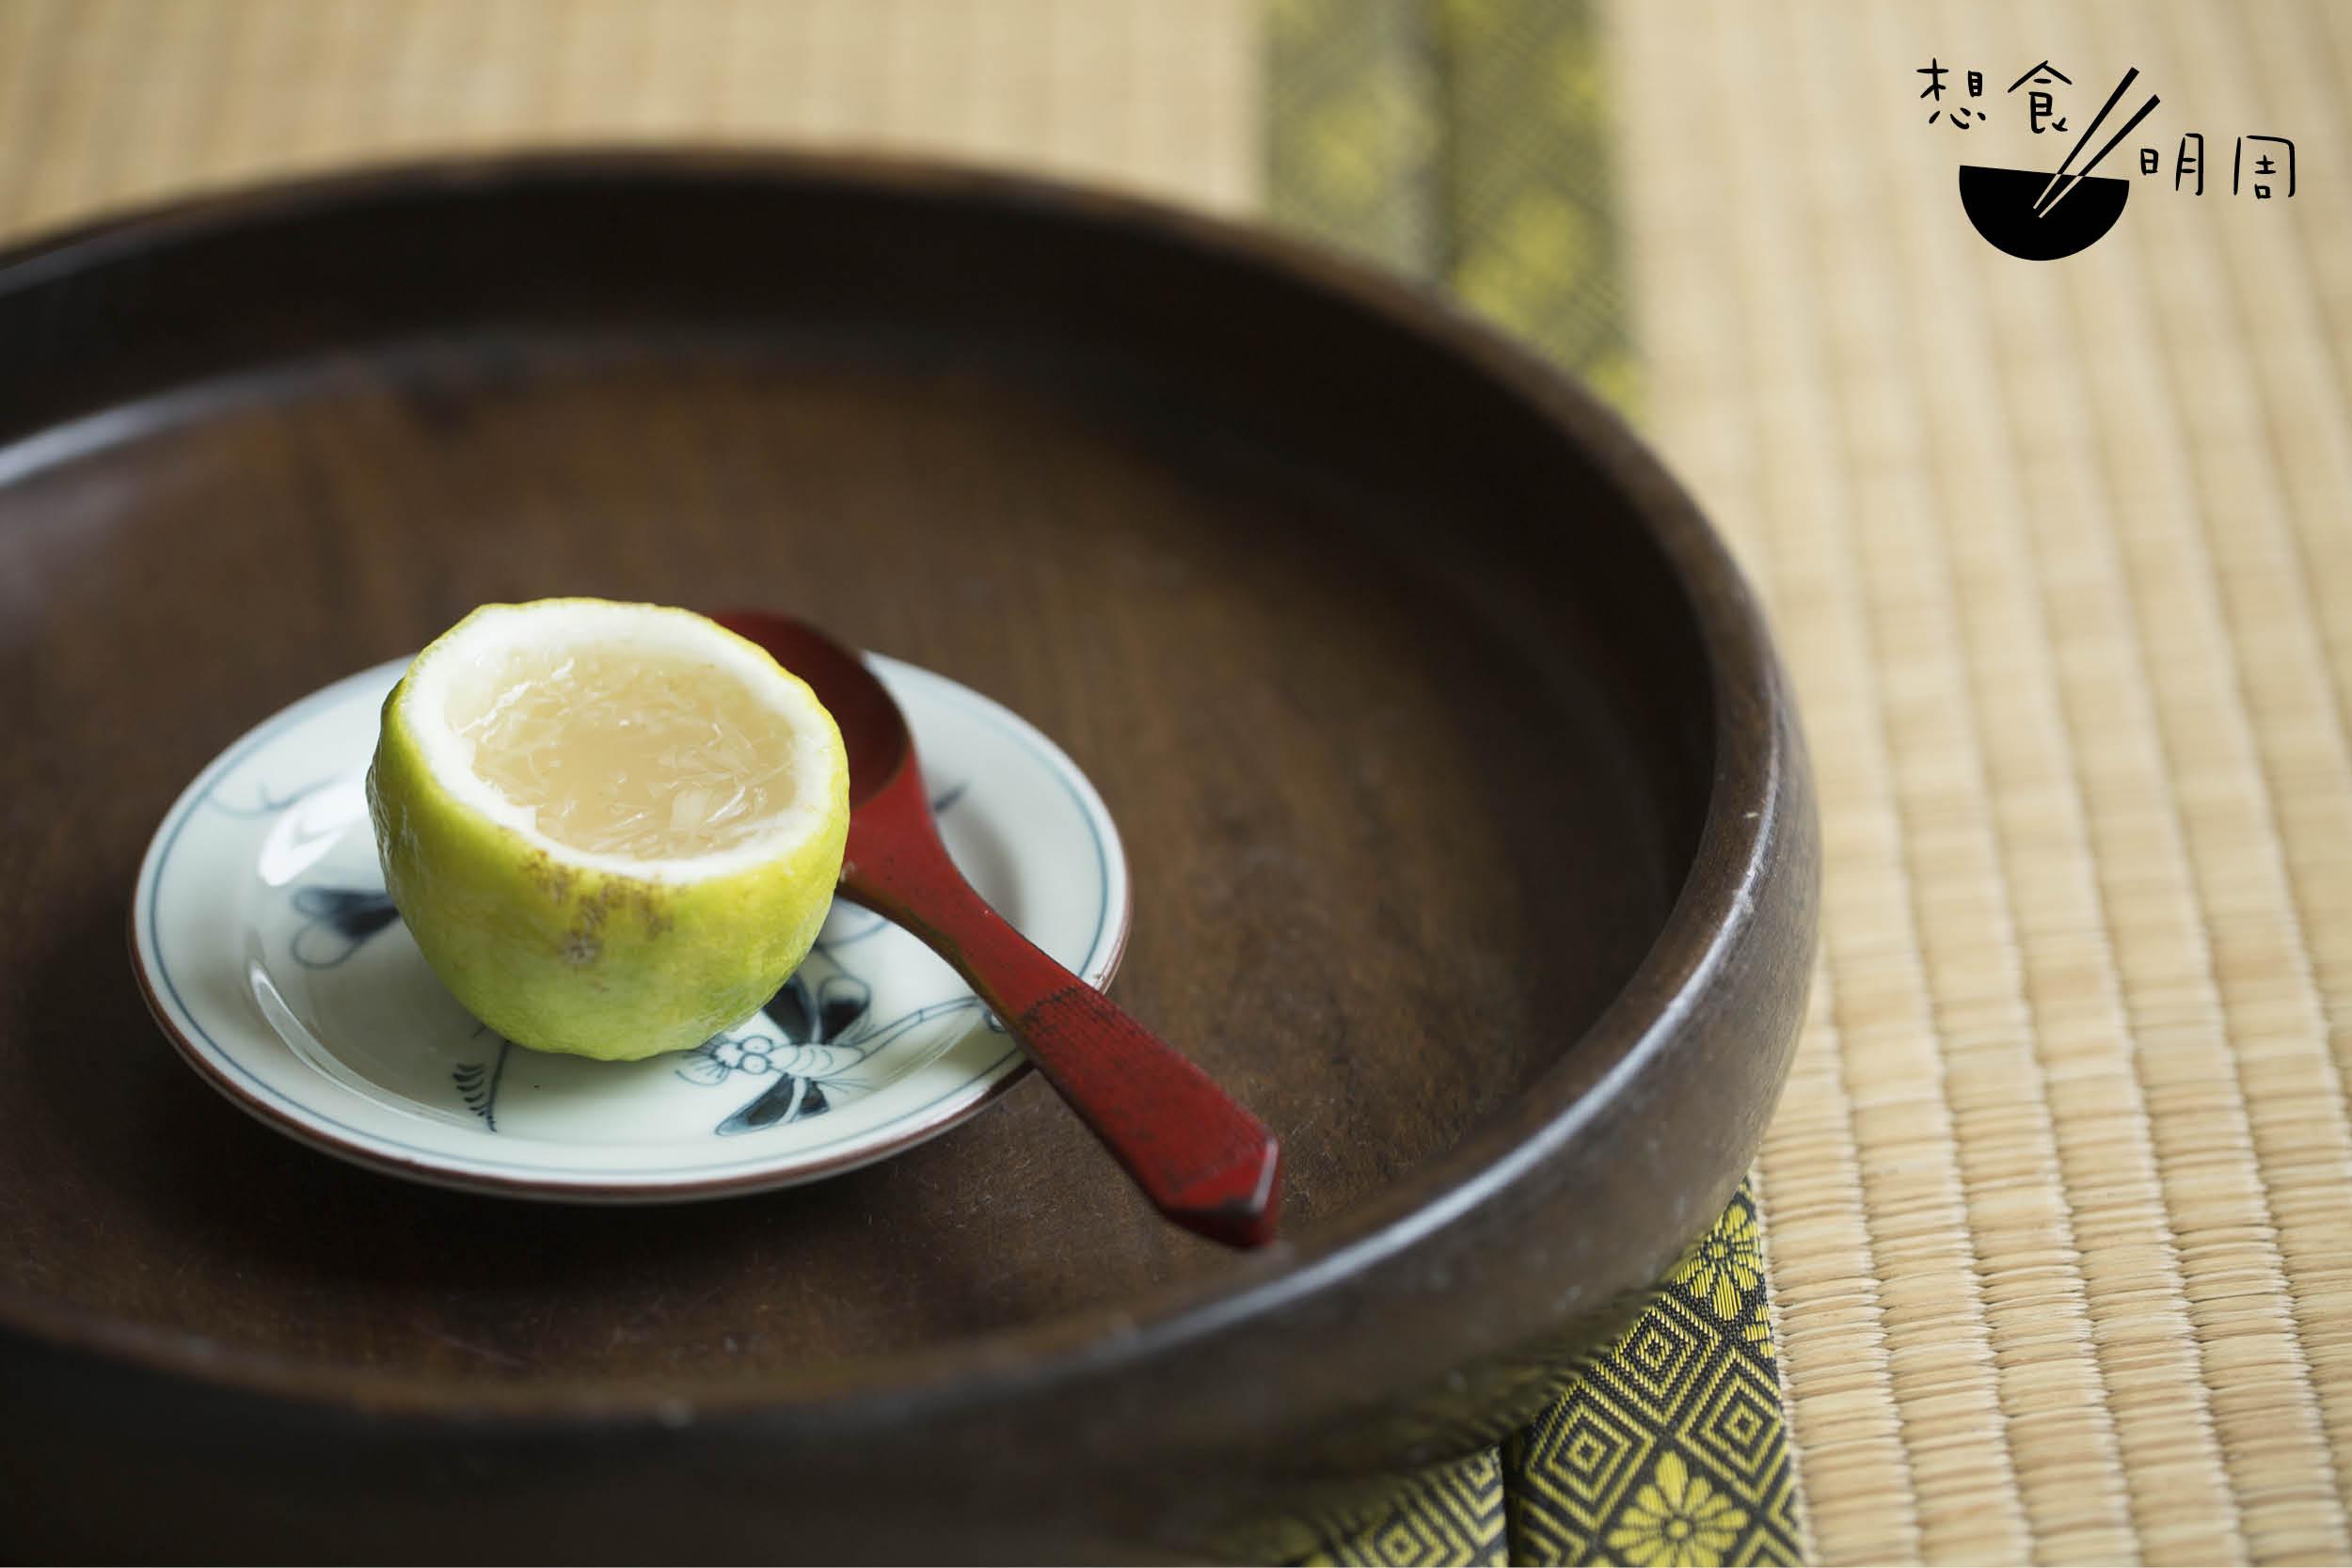 香水檸檬寒天凍 // 岸本太太提醒,由於酸性物質會減低寒天的凝固力,水量需要比平日略減。今次她就以四百毫升水煮溶寒天,調得稍為 濃稠,然後加入一百毫升鮮榨檸汁,最後按個人喜好加糖。